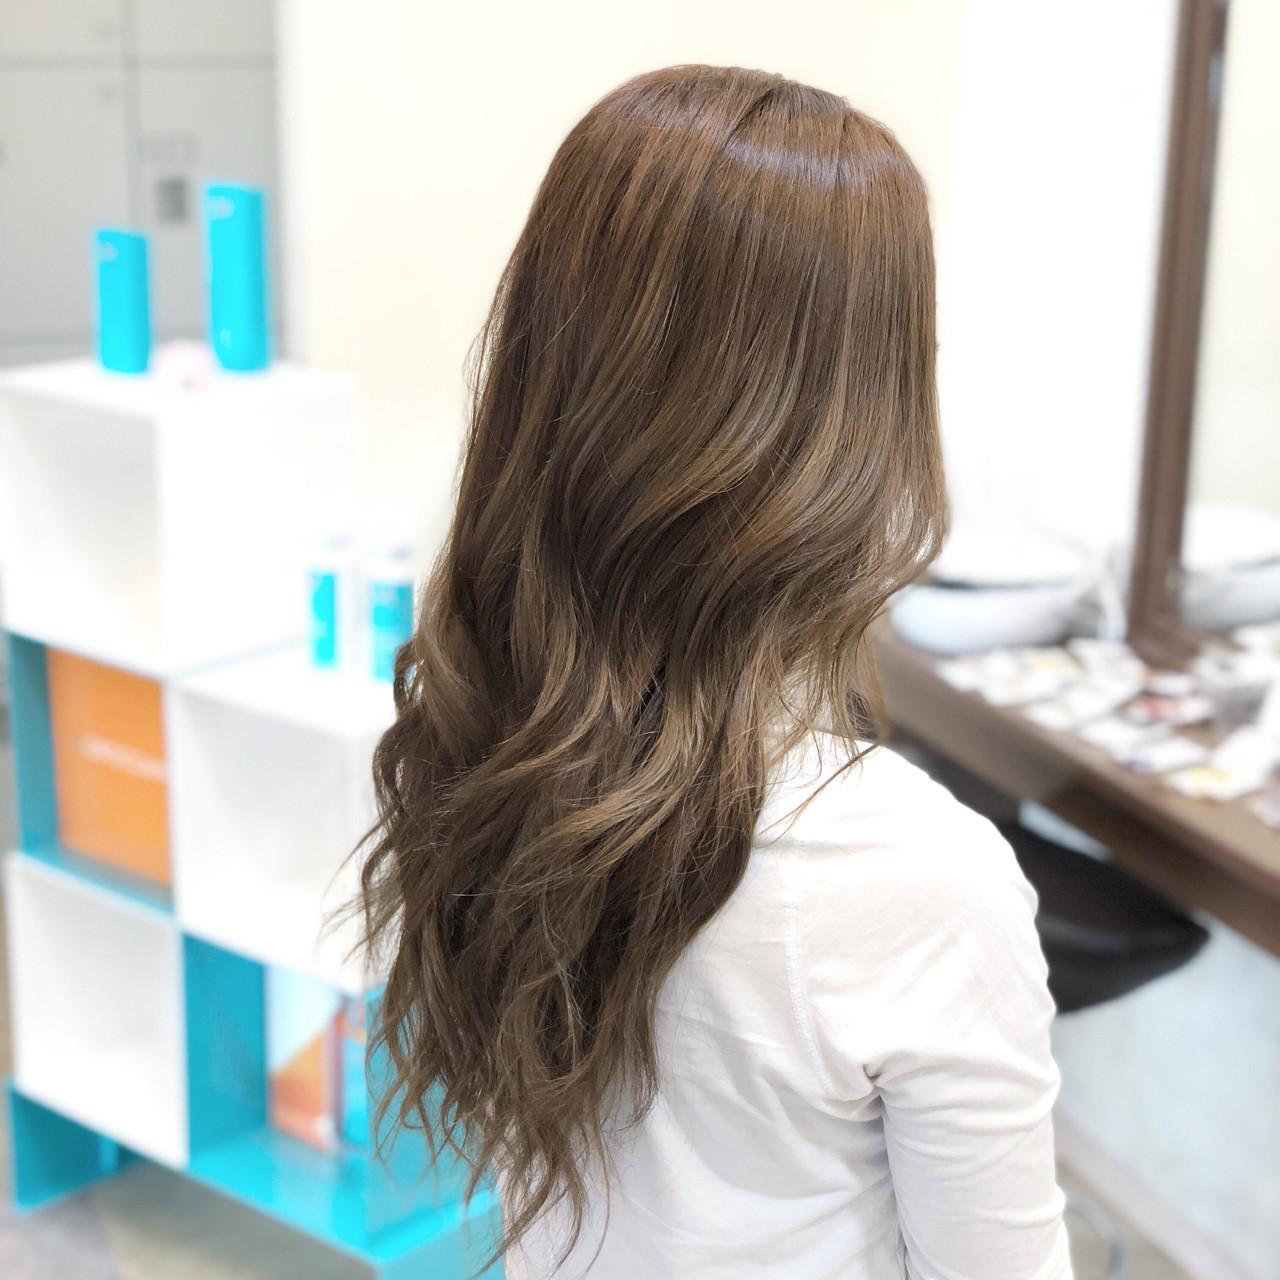 透明感 ハイライト ブリーチなし フェミニン ヘアスタイルや髪型の写真・画像